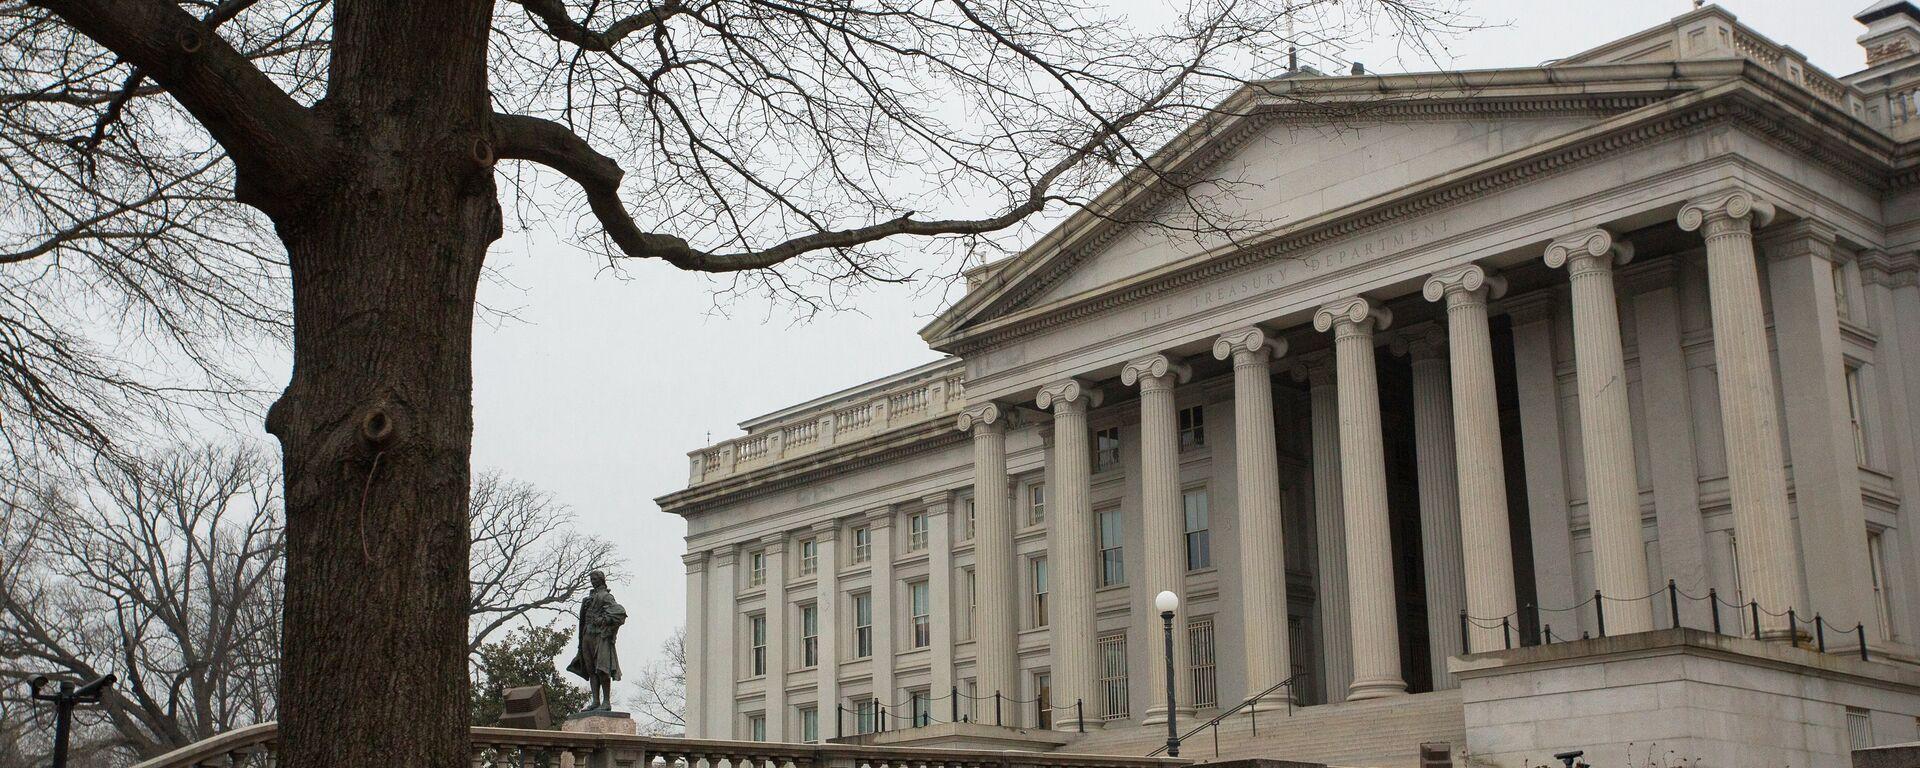 Министерство финансов США в Вашингтоне. - Sputnik Latvija, 1920, 24.09.2021